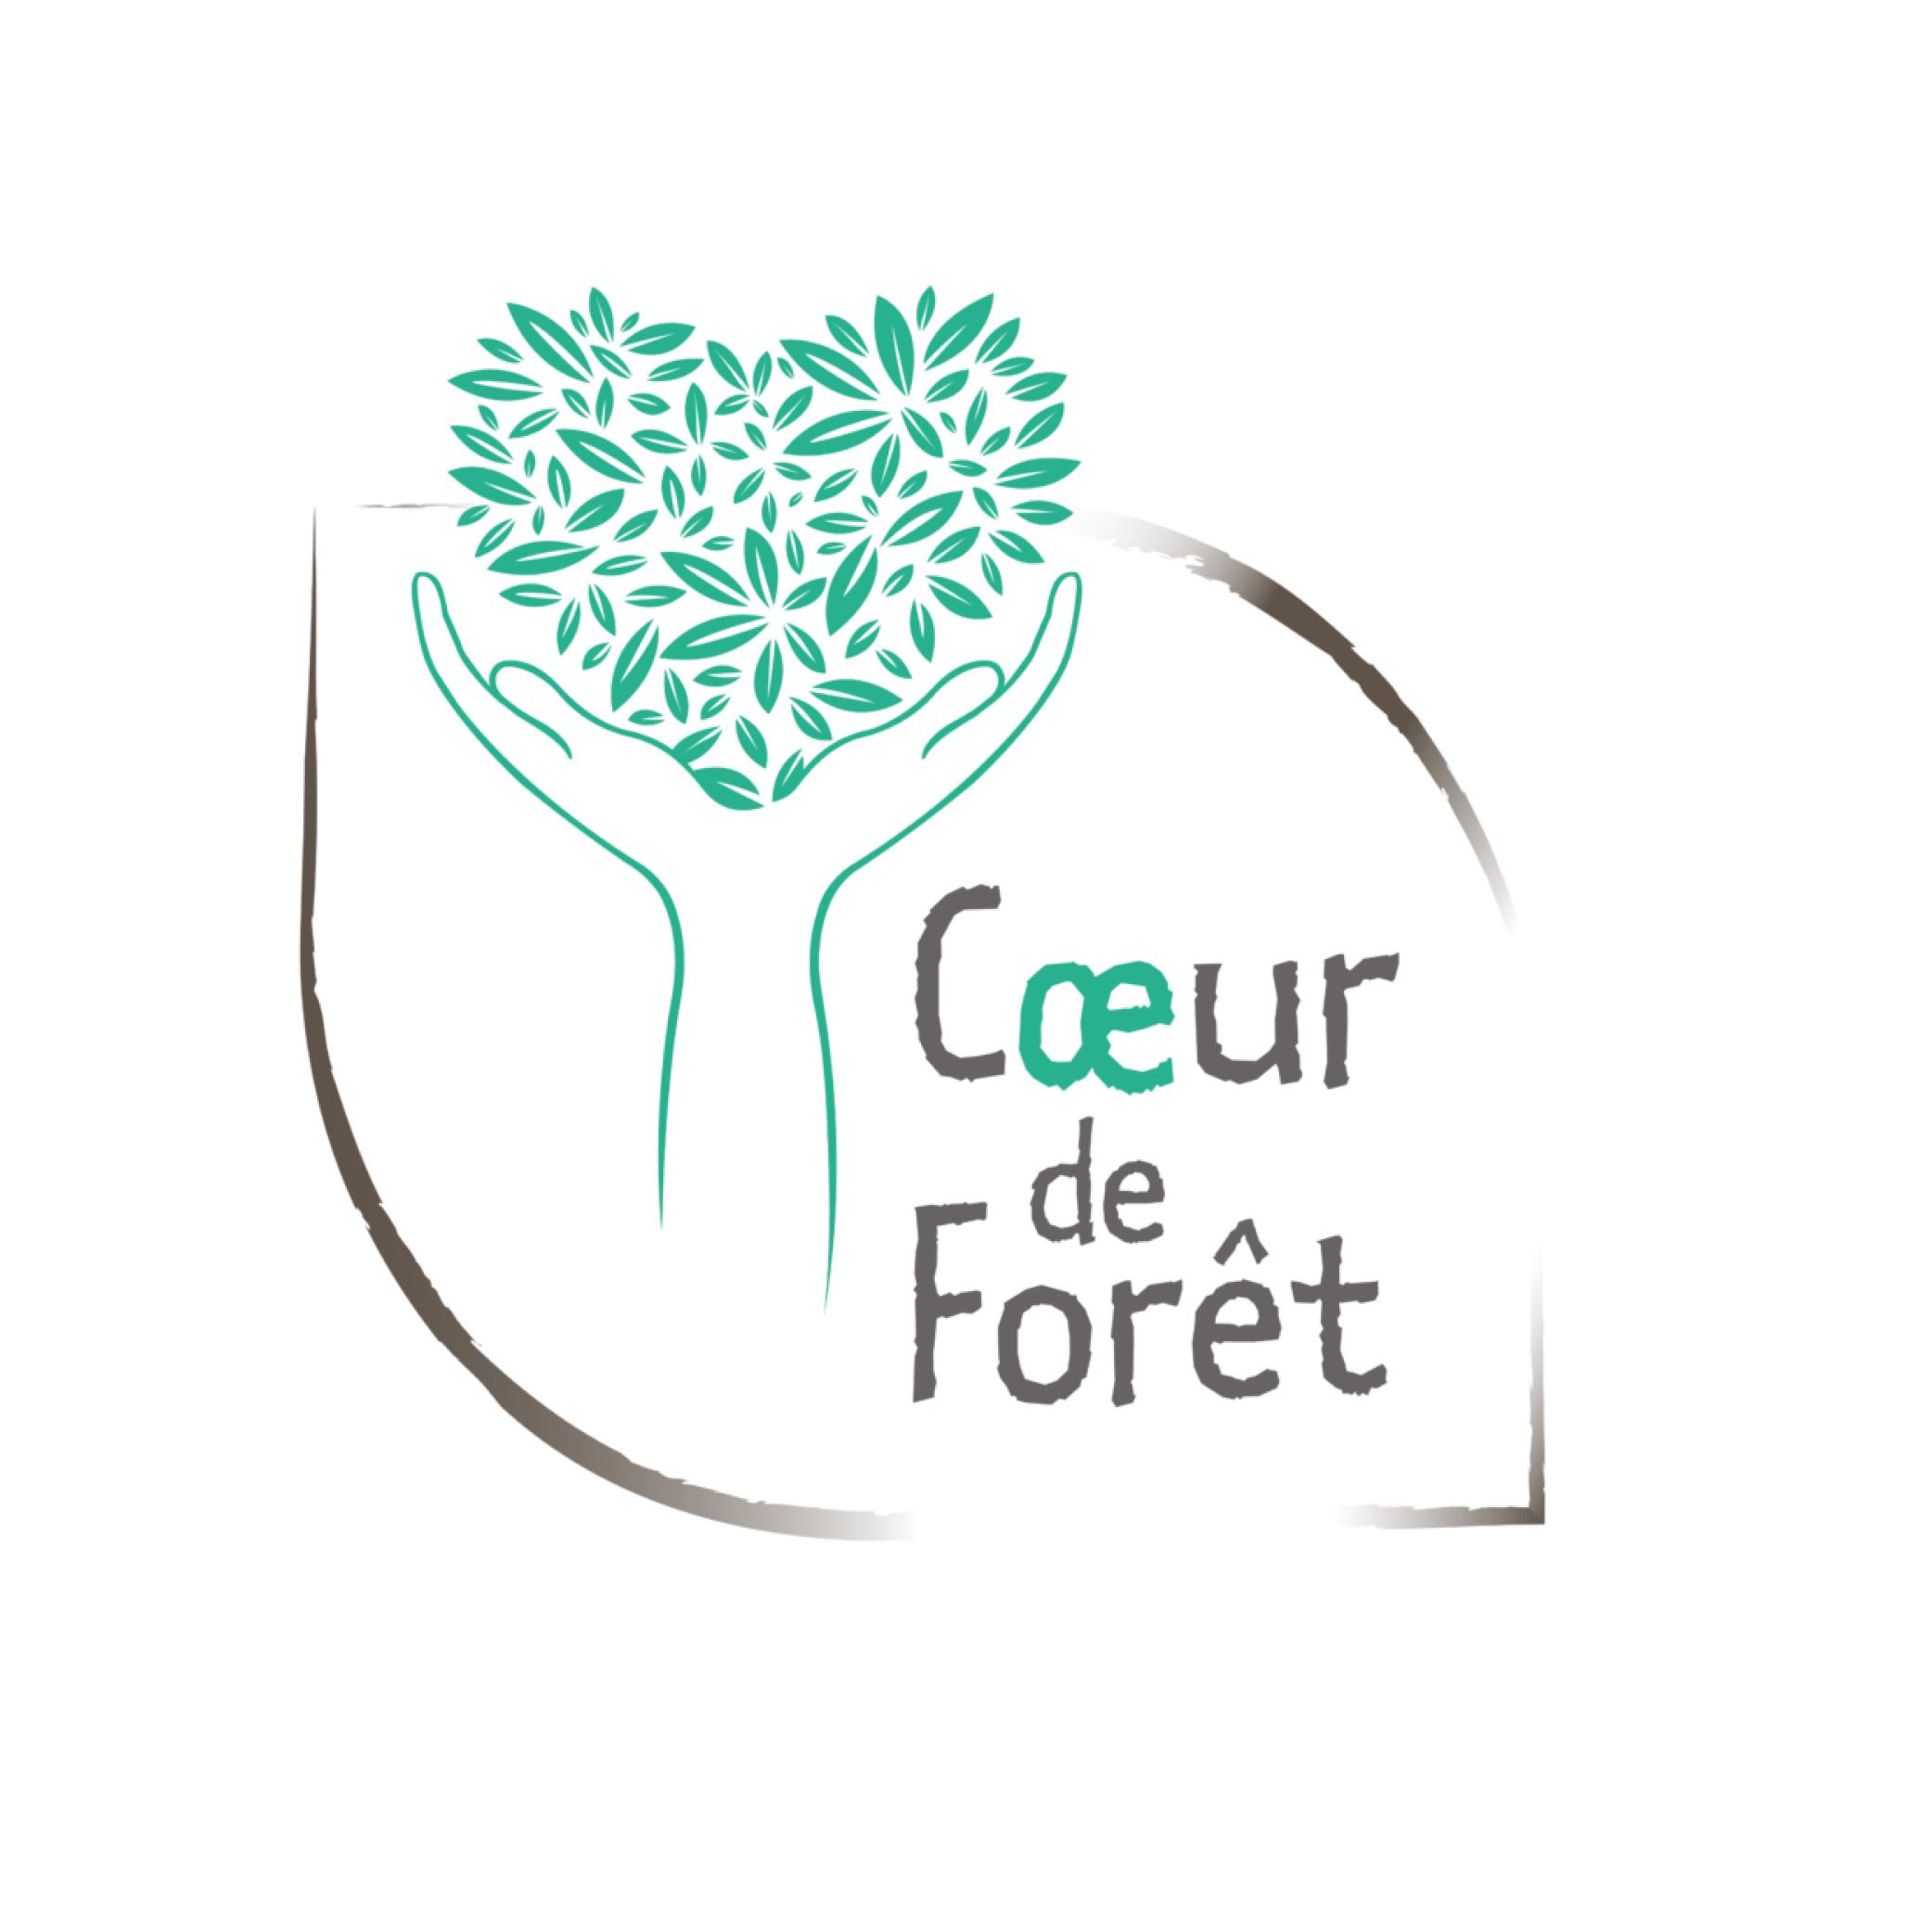 macaron_coeur-de-foret_web.png